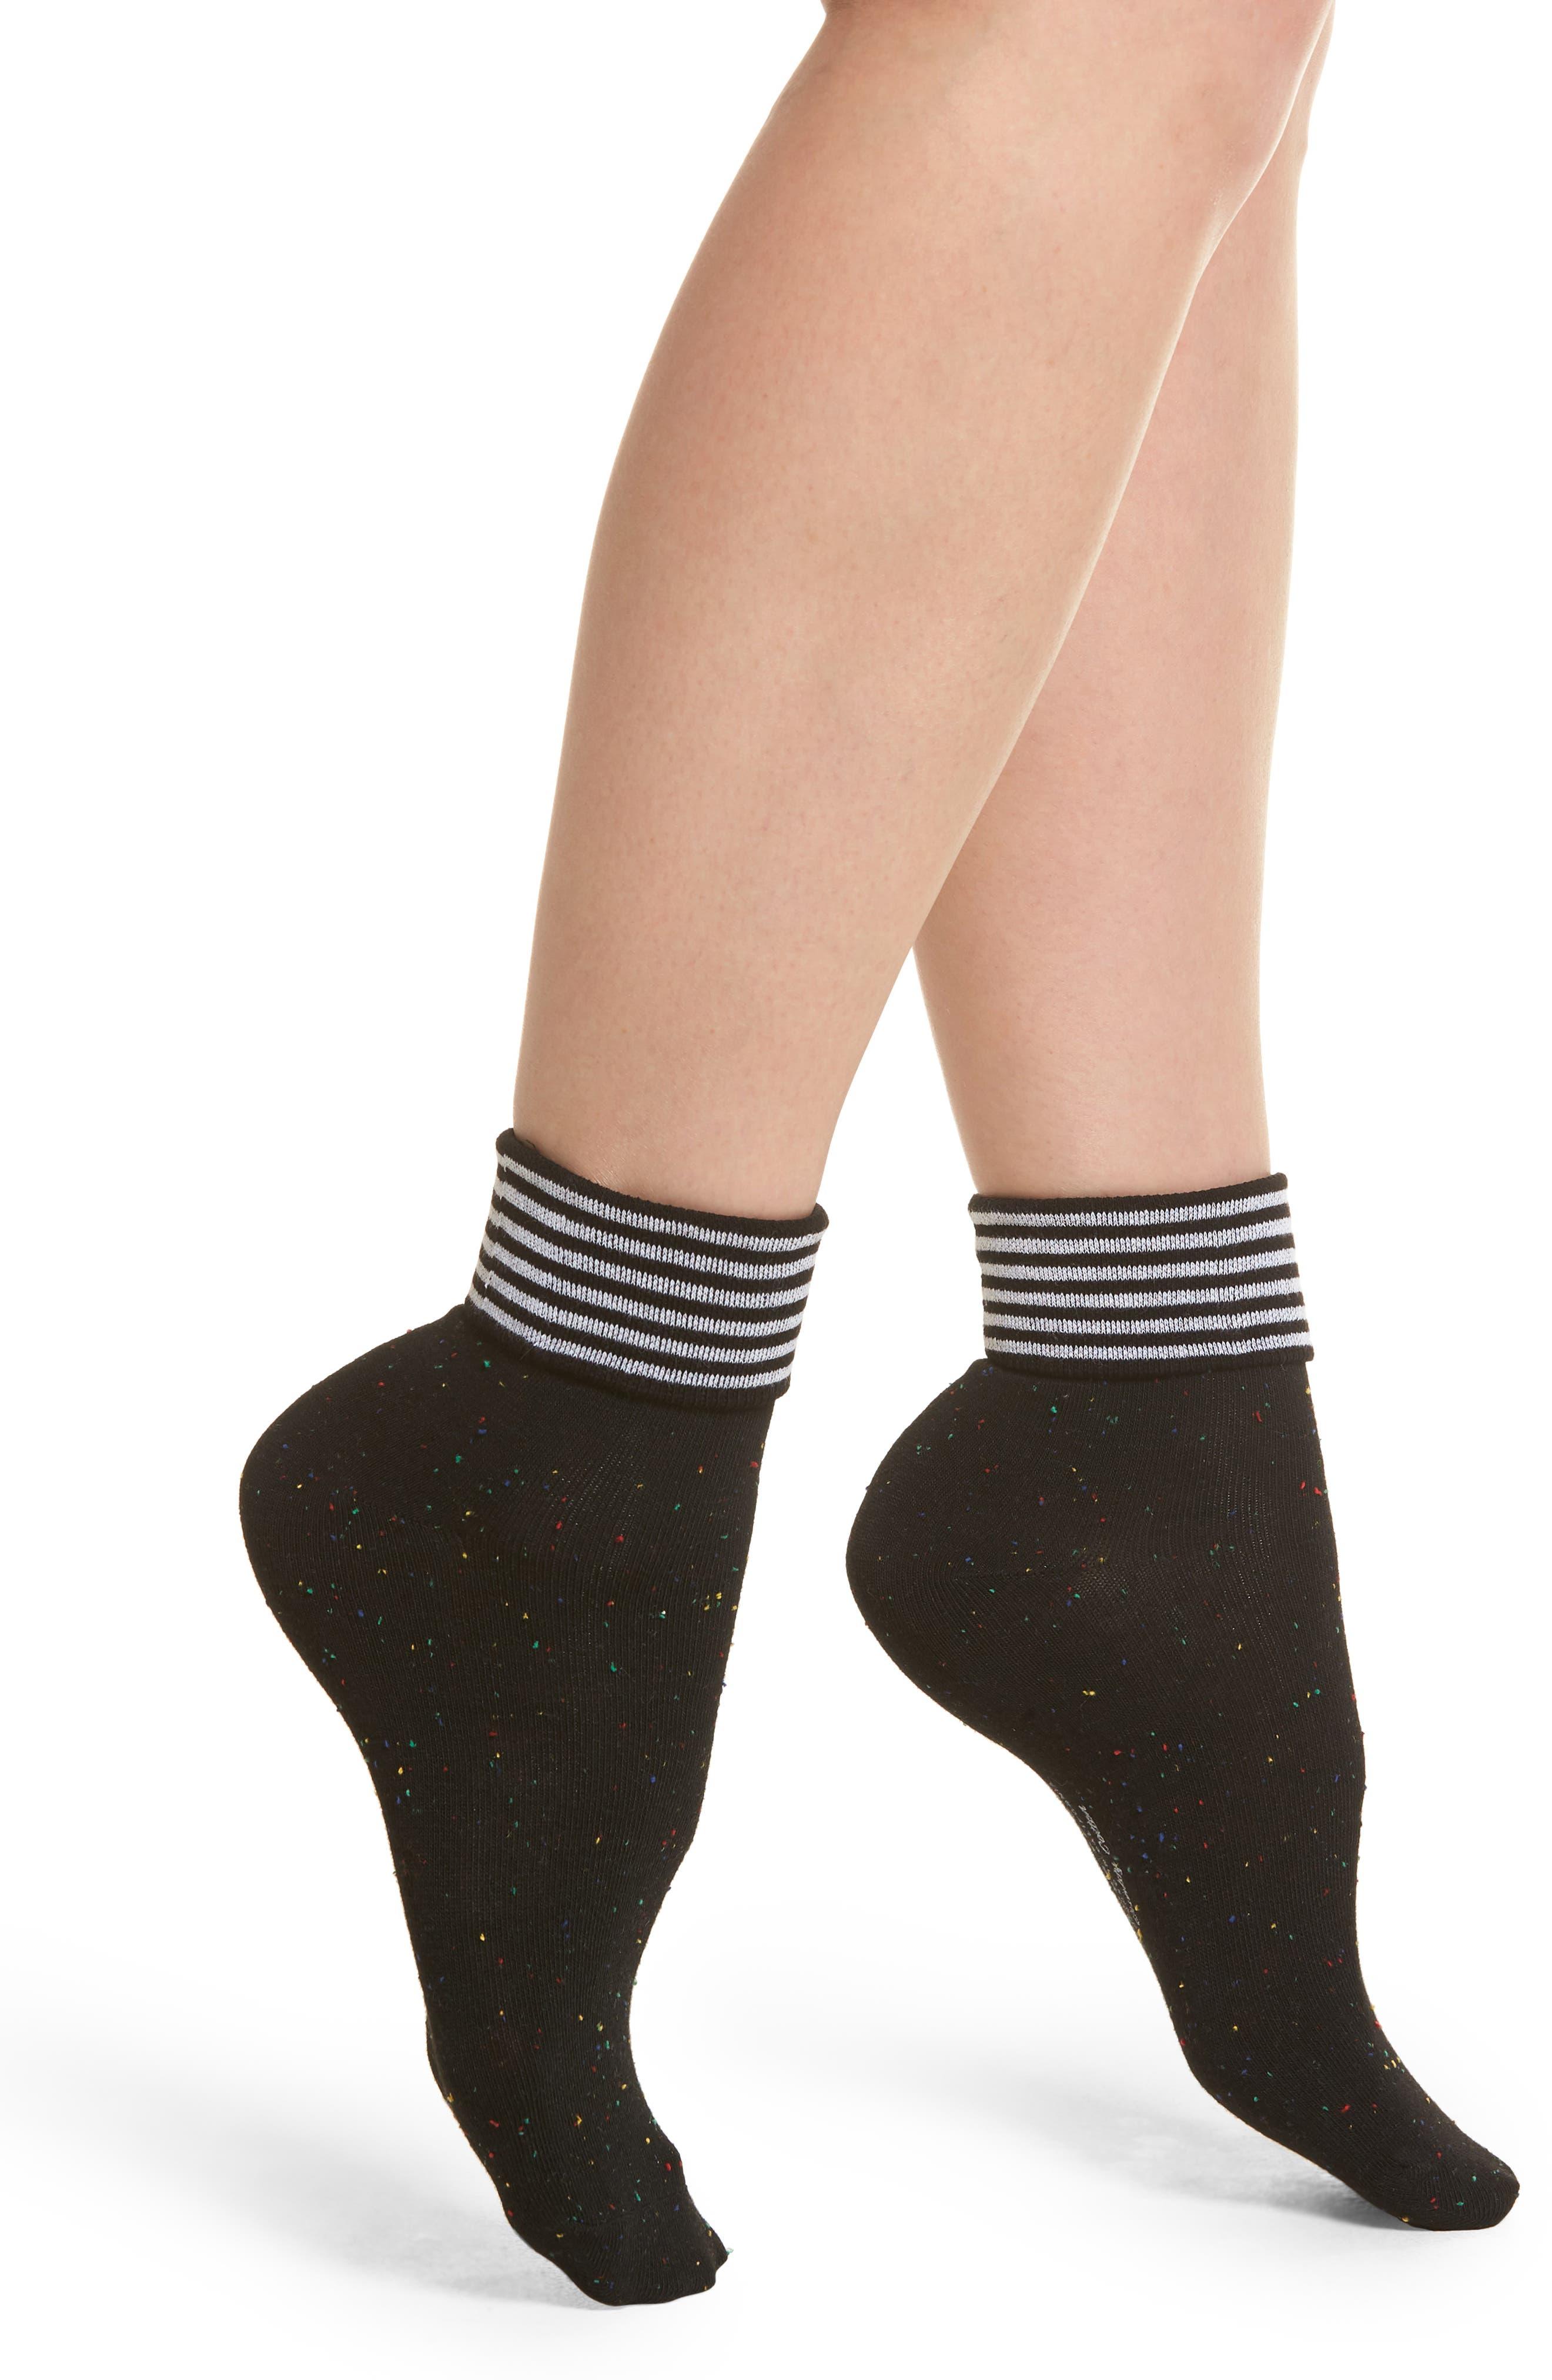 Tina Foldover Ankle Socks,                         Main,                         color, Black